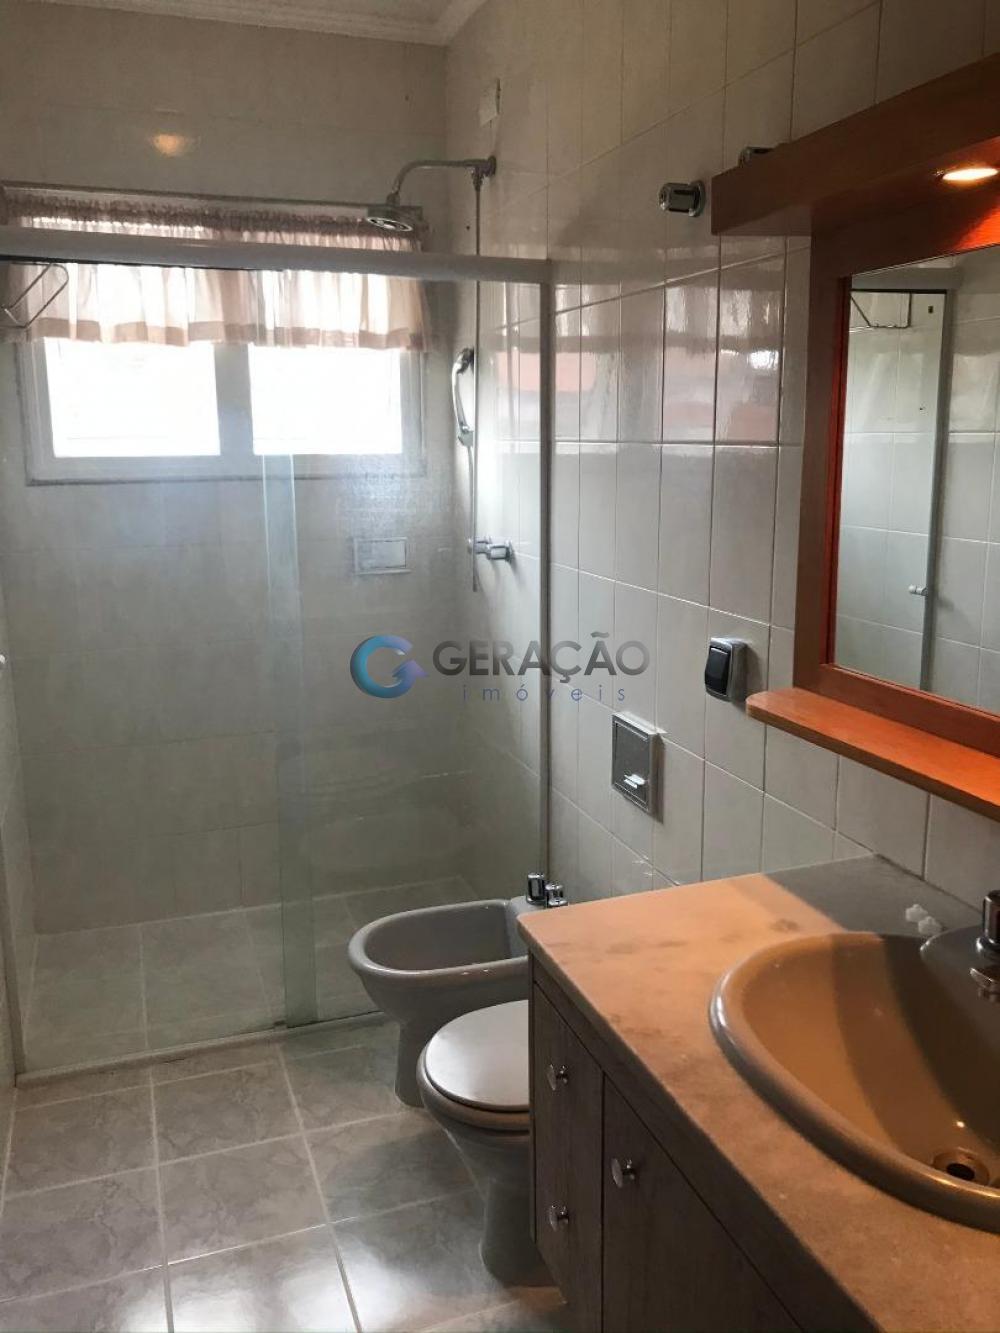 Comprar Casa / Condomínio em São José dos Campos R$ 1.600.000,00 - Foto 10